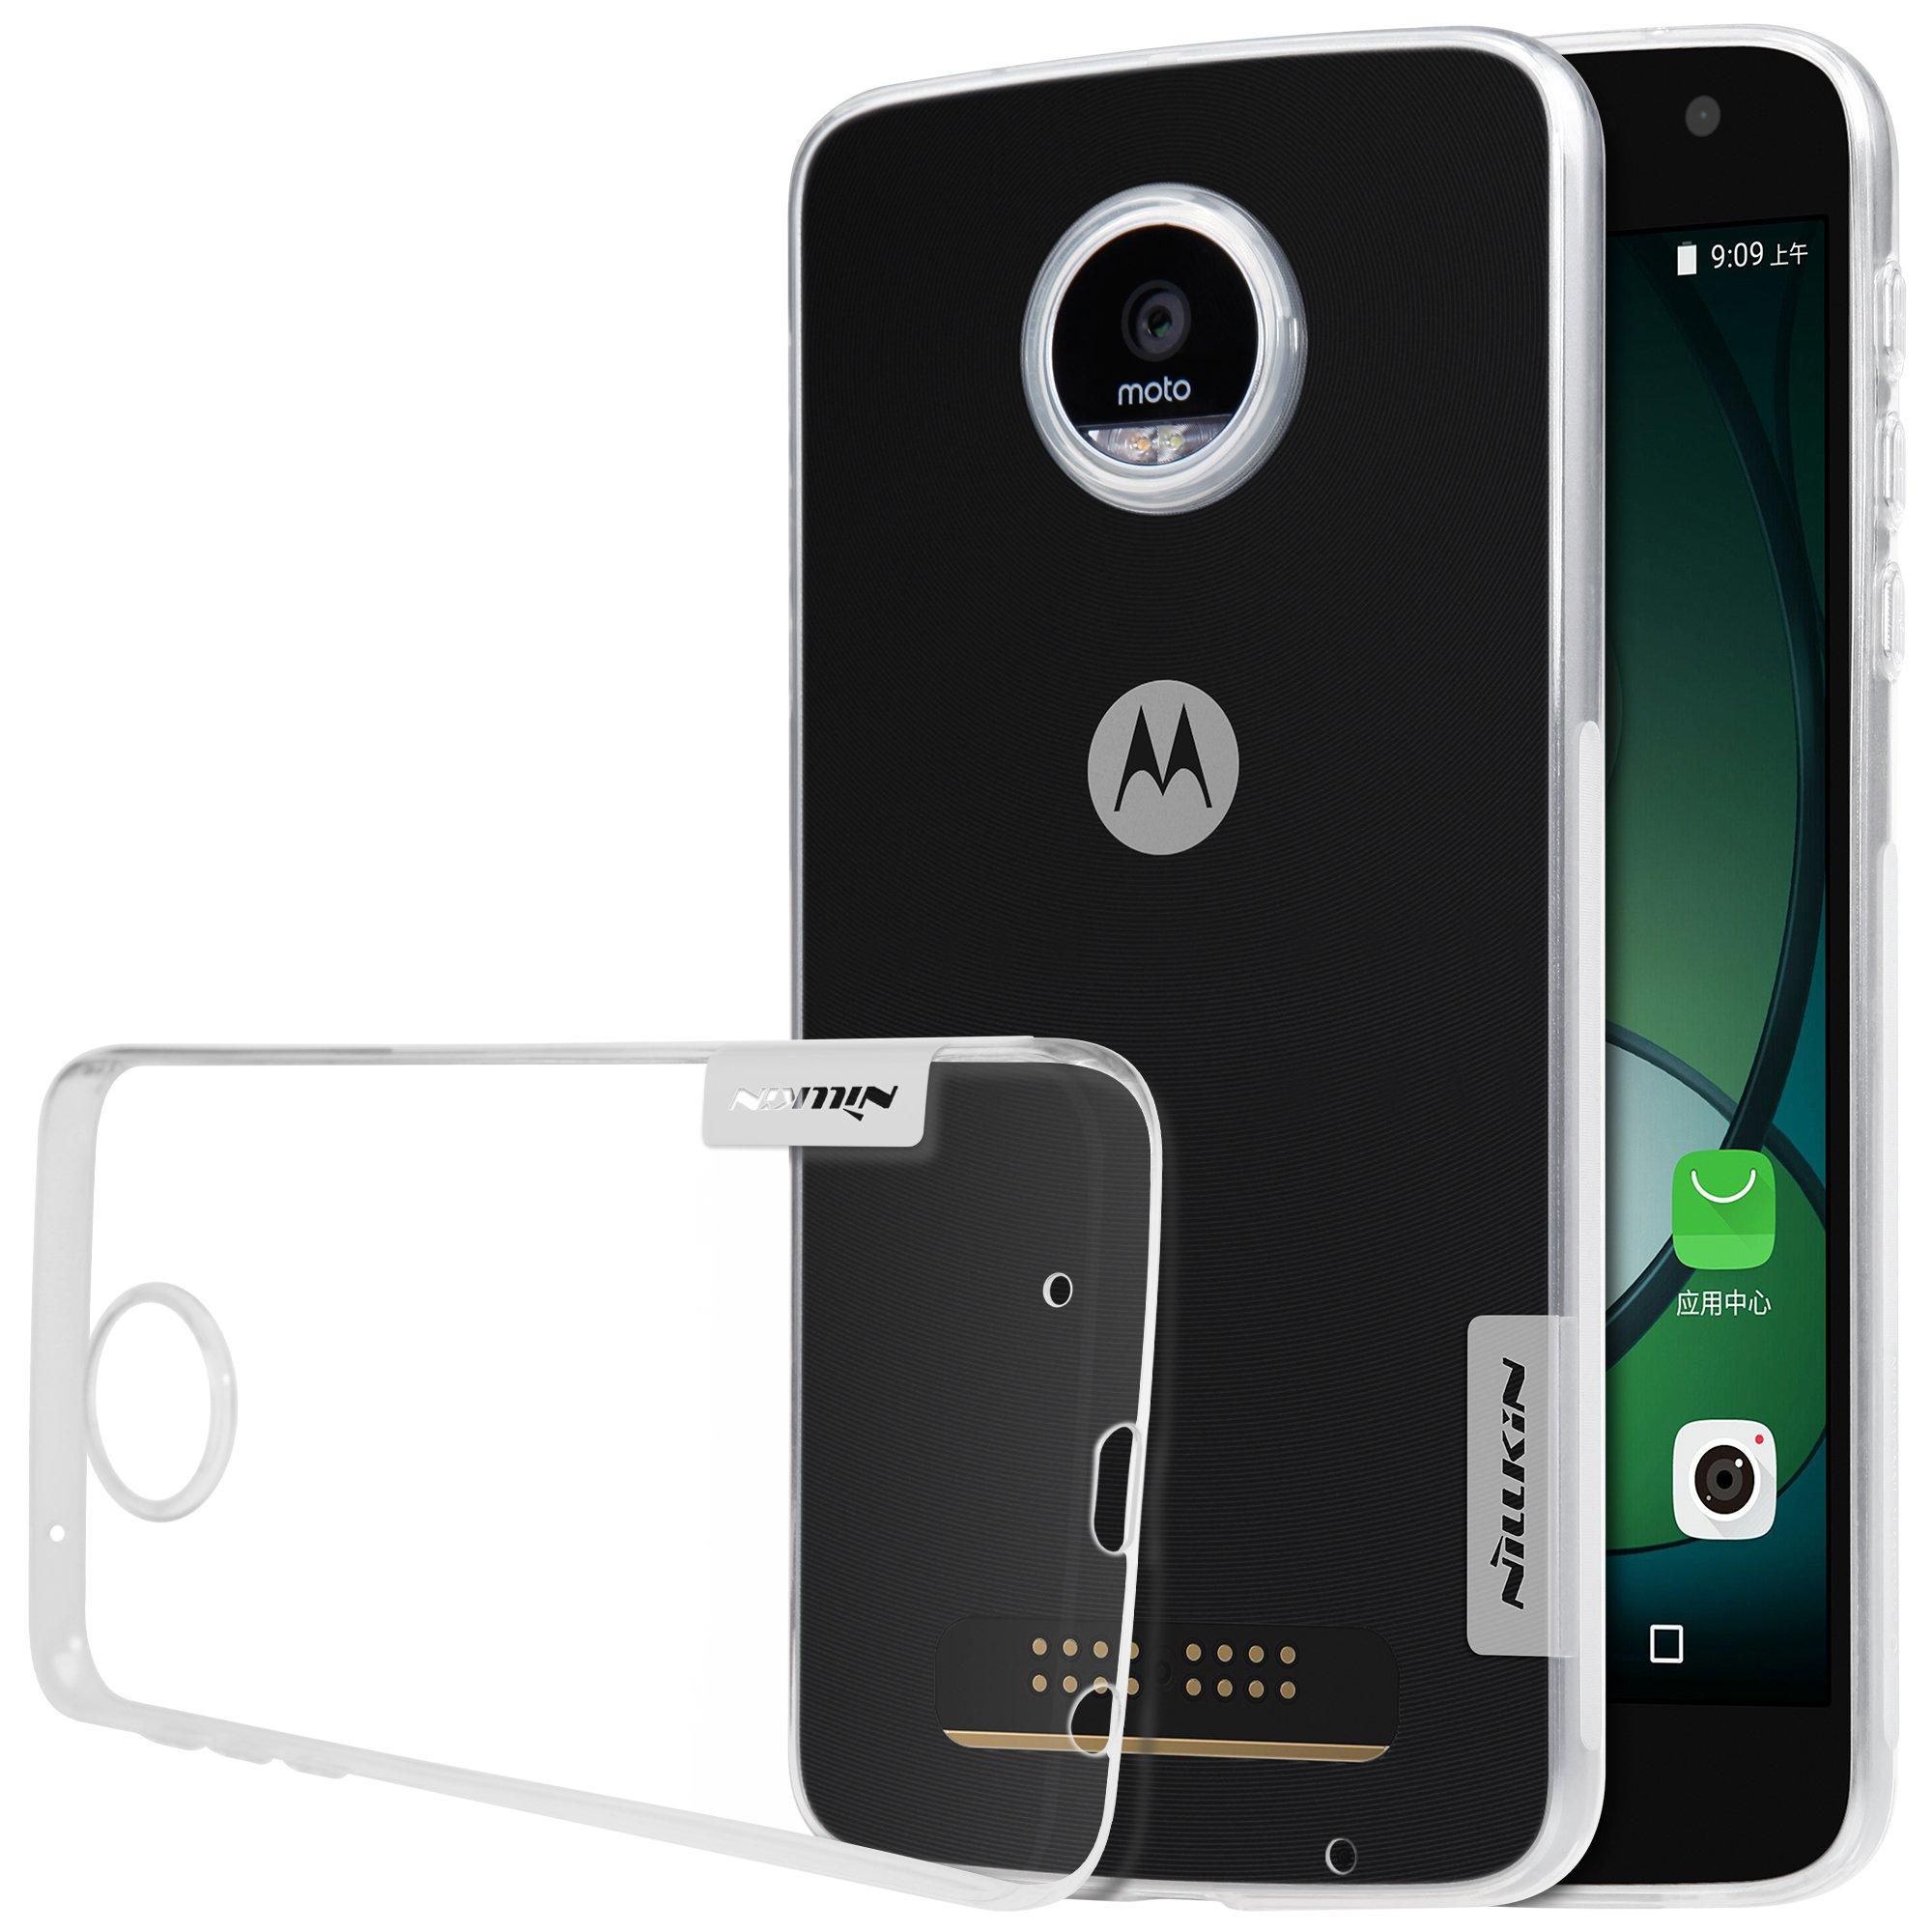 MYLB Caso de la cubierta protectora caso claro Volver TPU gel suave de parachoques del teléfono para Motorola Moto Z Play smartphone (Transparente): Amazon.es: Electrónica